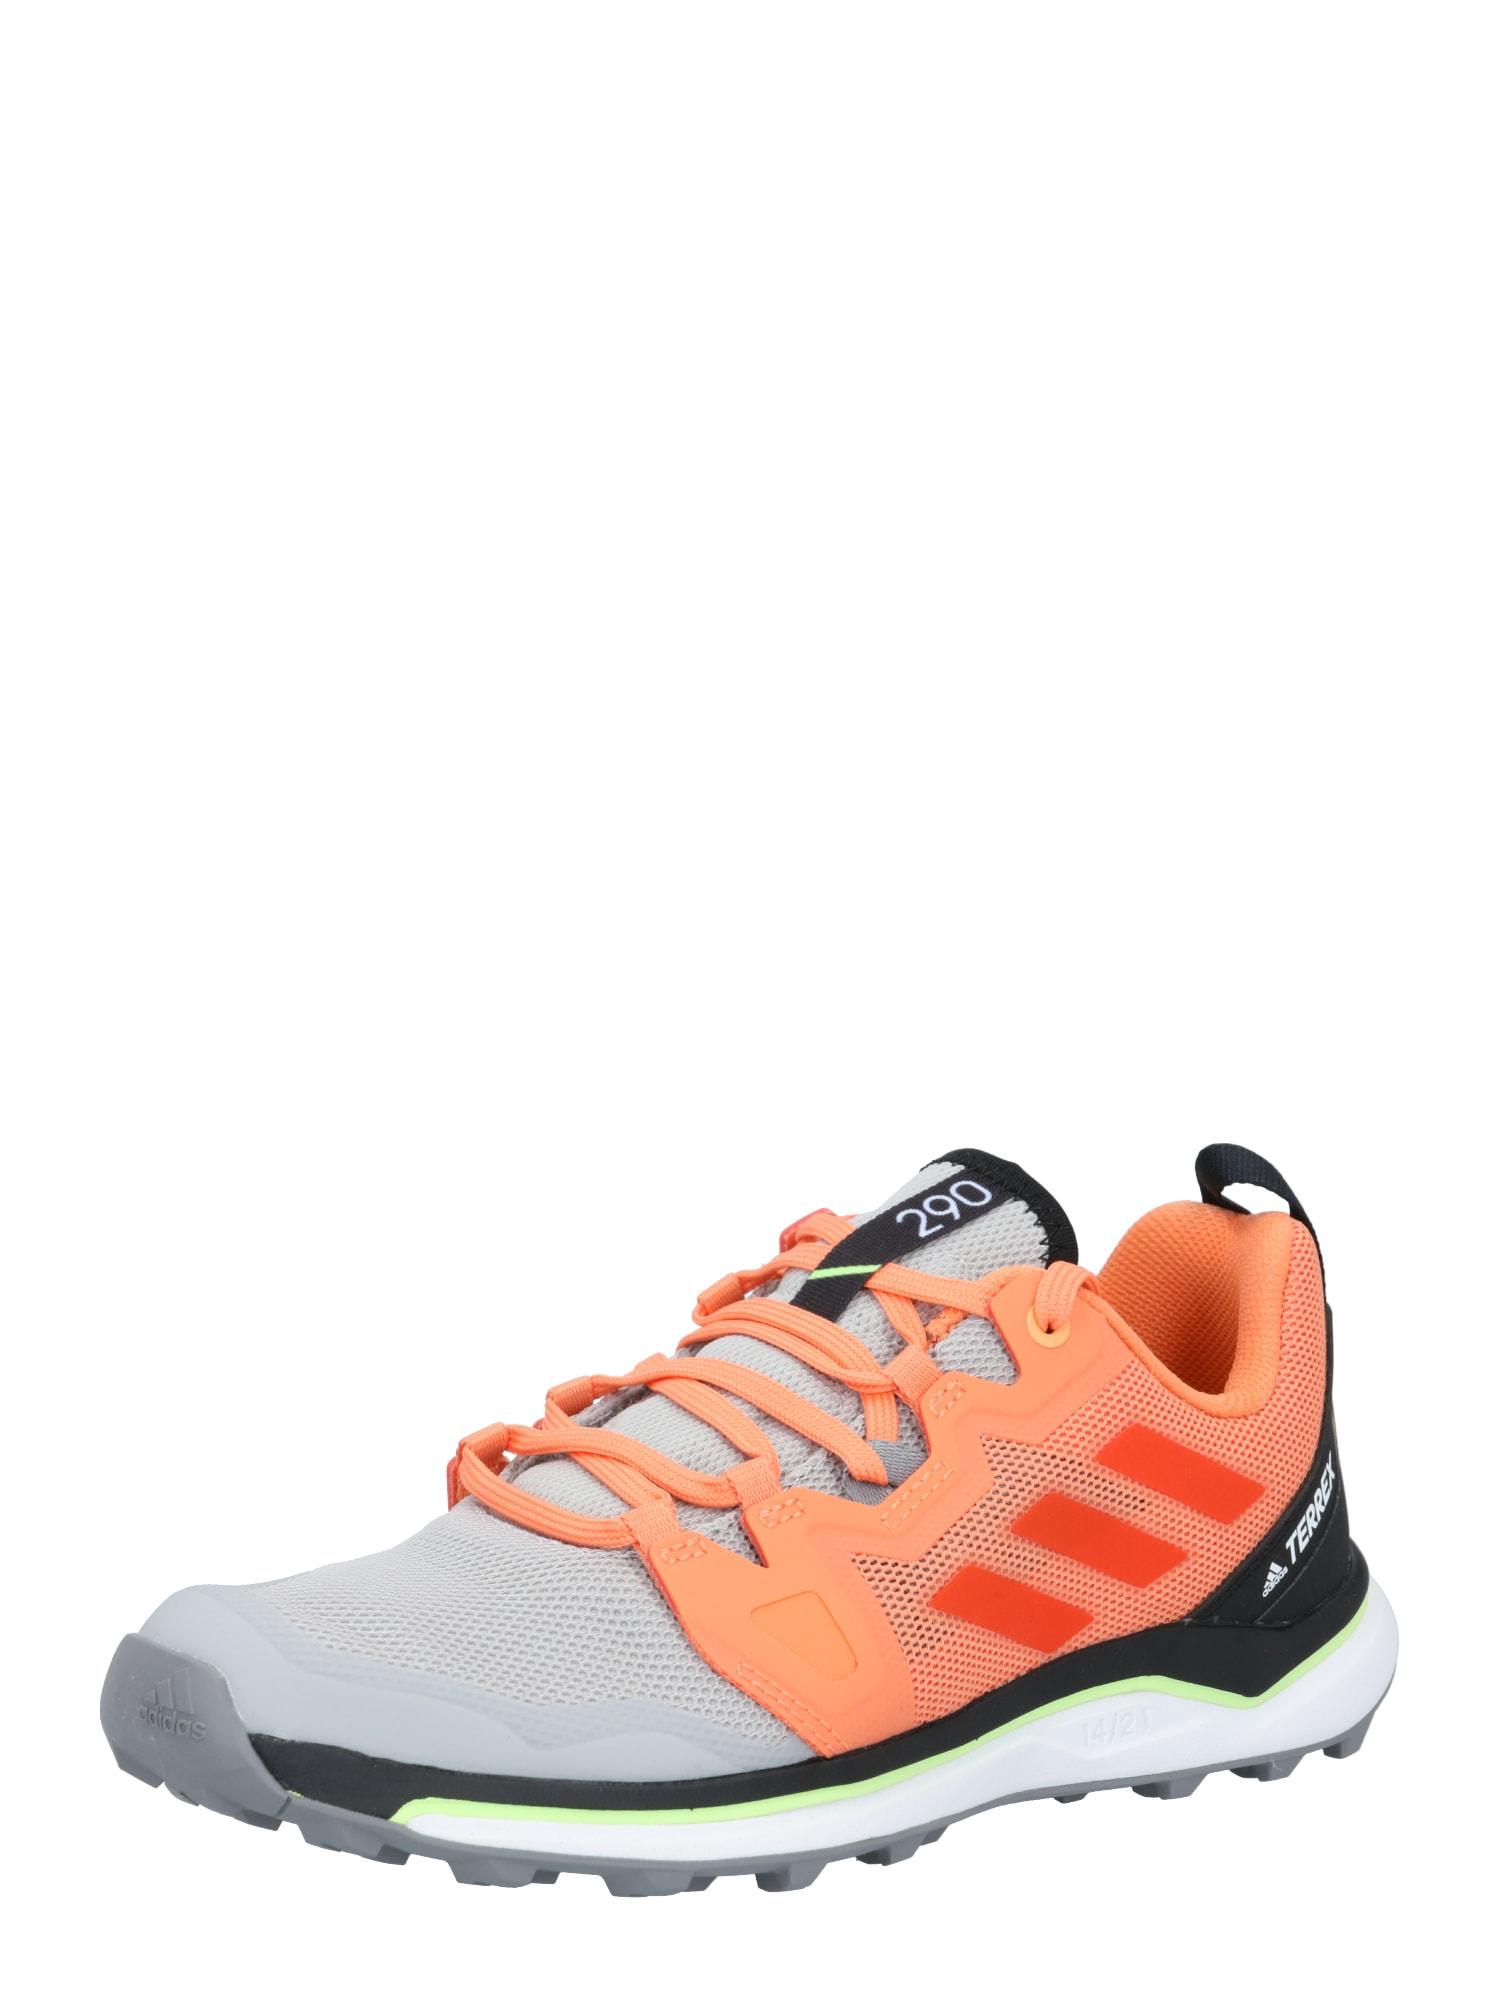 ADIDAS PERFORMANCE Bėgimo batai oranžinė / pilka / antracito